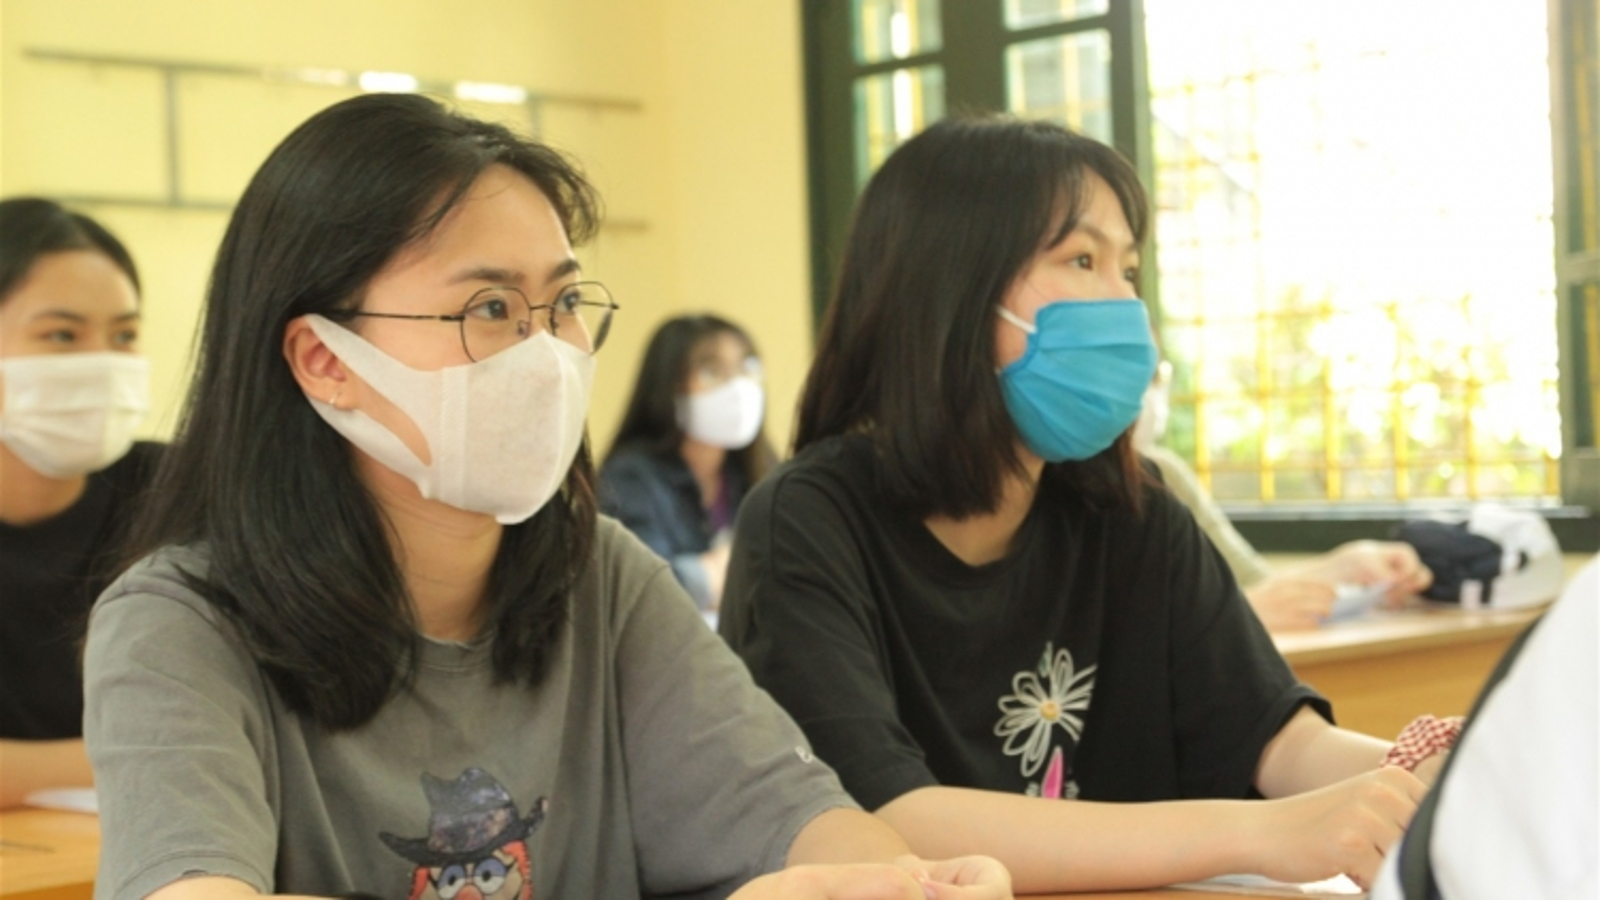 7 phòng thi ở Điện Biên gặp sự cố, gần 120 thí sinh phải thi lại môn Địa Lý